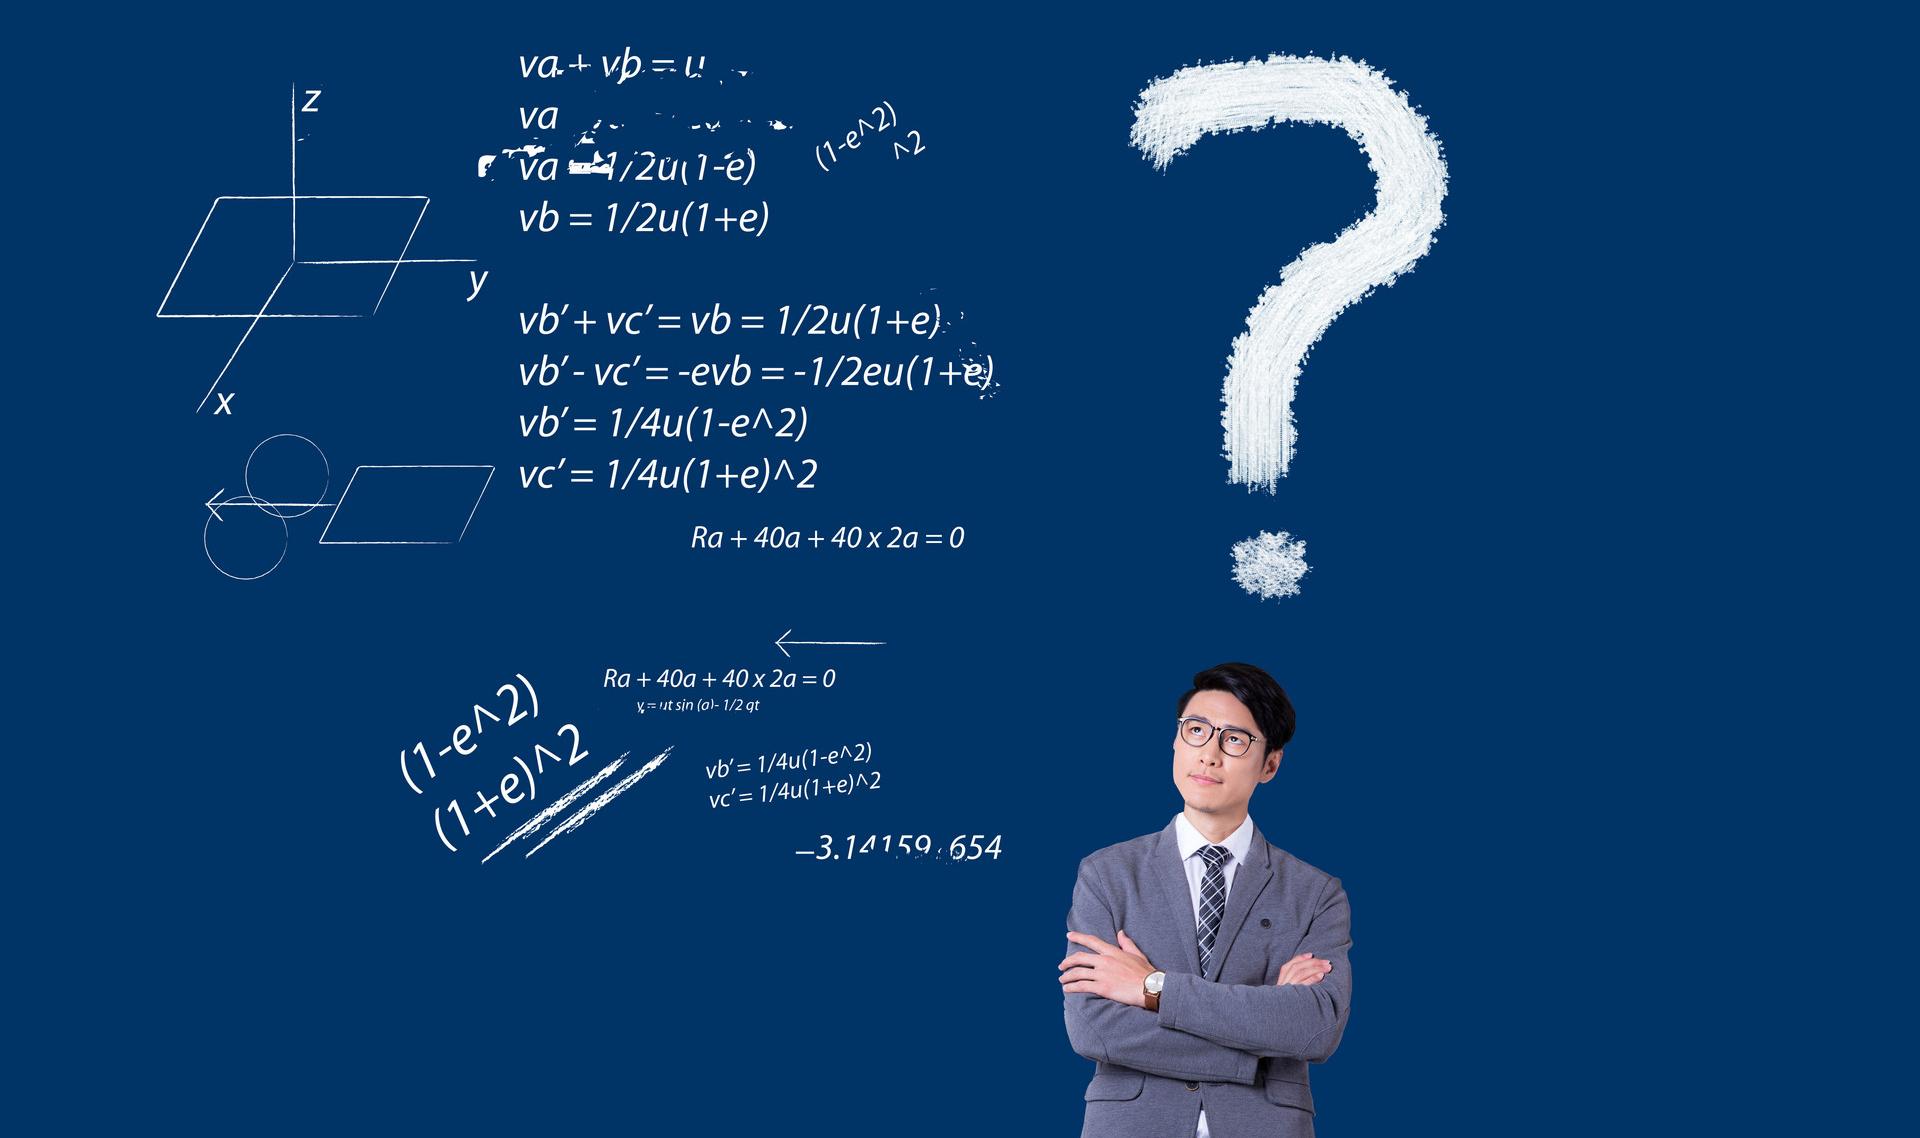 行业问题专业解答神器——前瞻经济学人